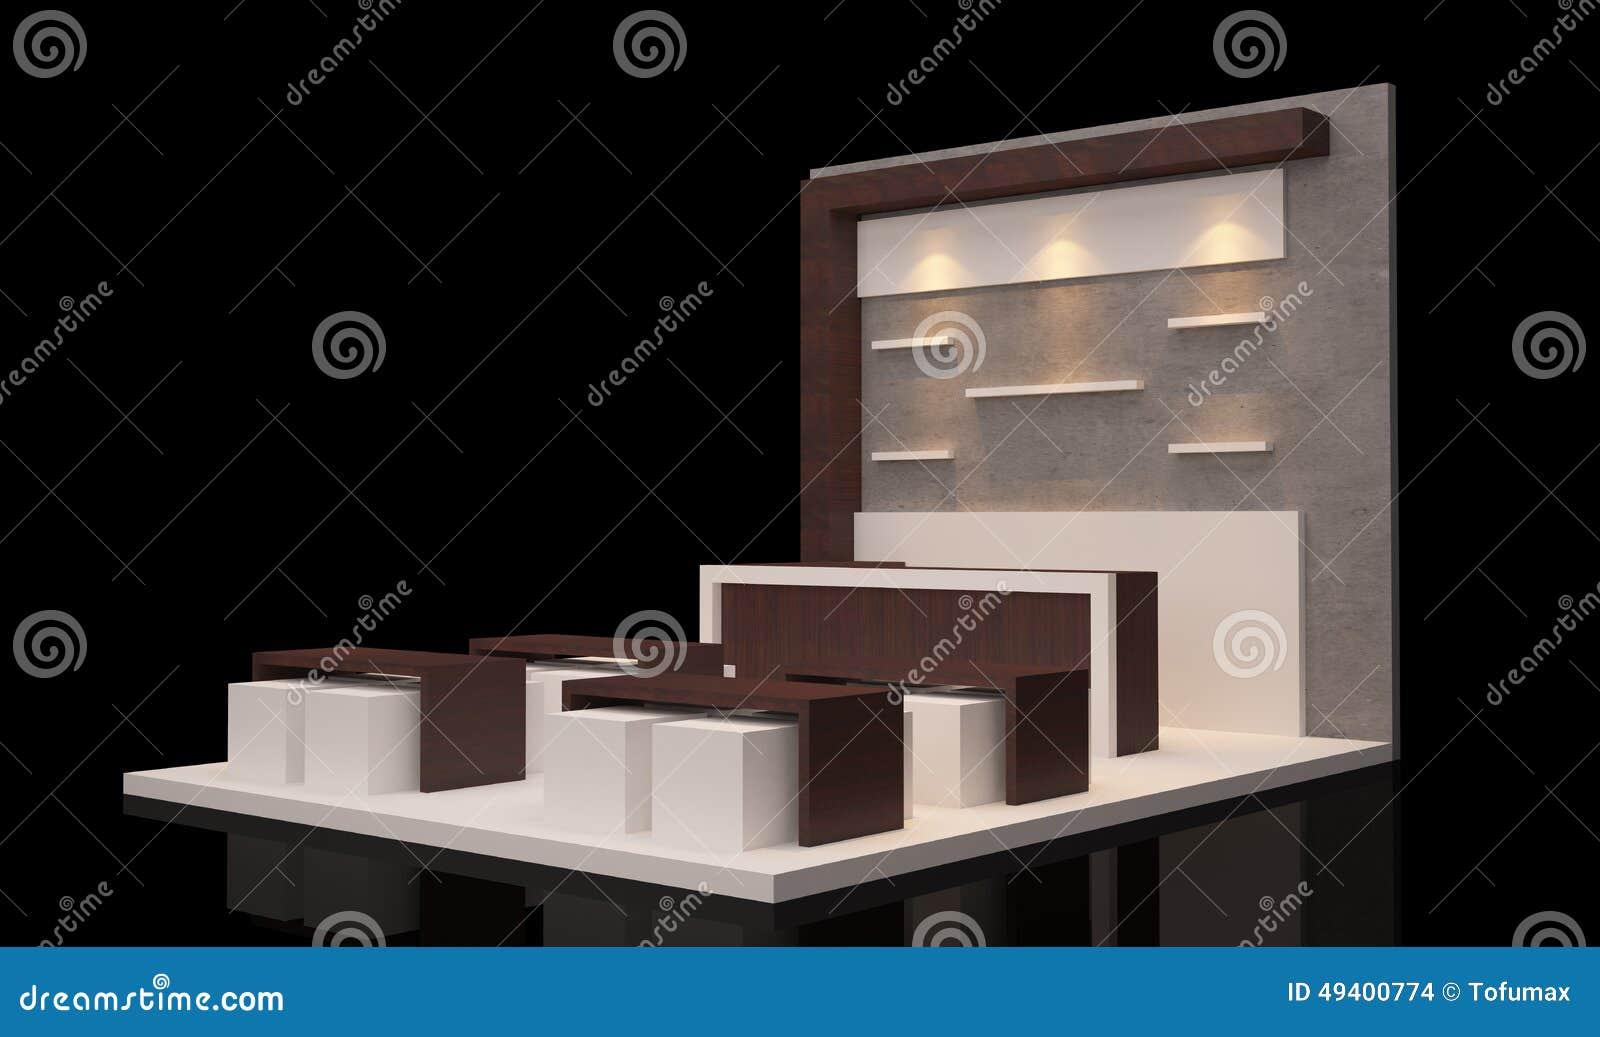 Download Standausstellung stock abbildung. Illustration von geschäft - 49400774